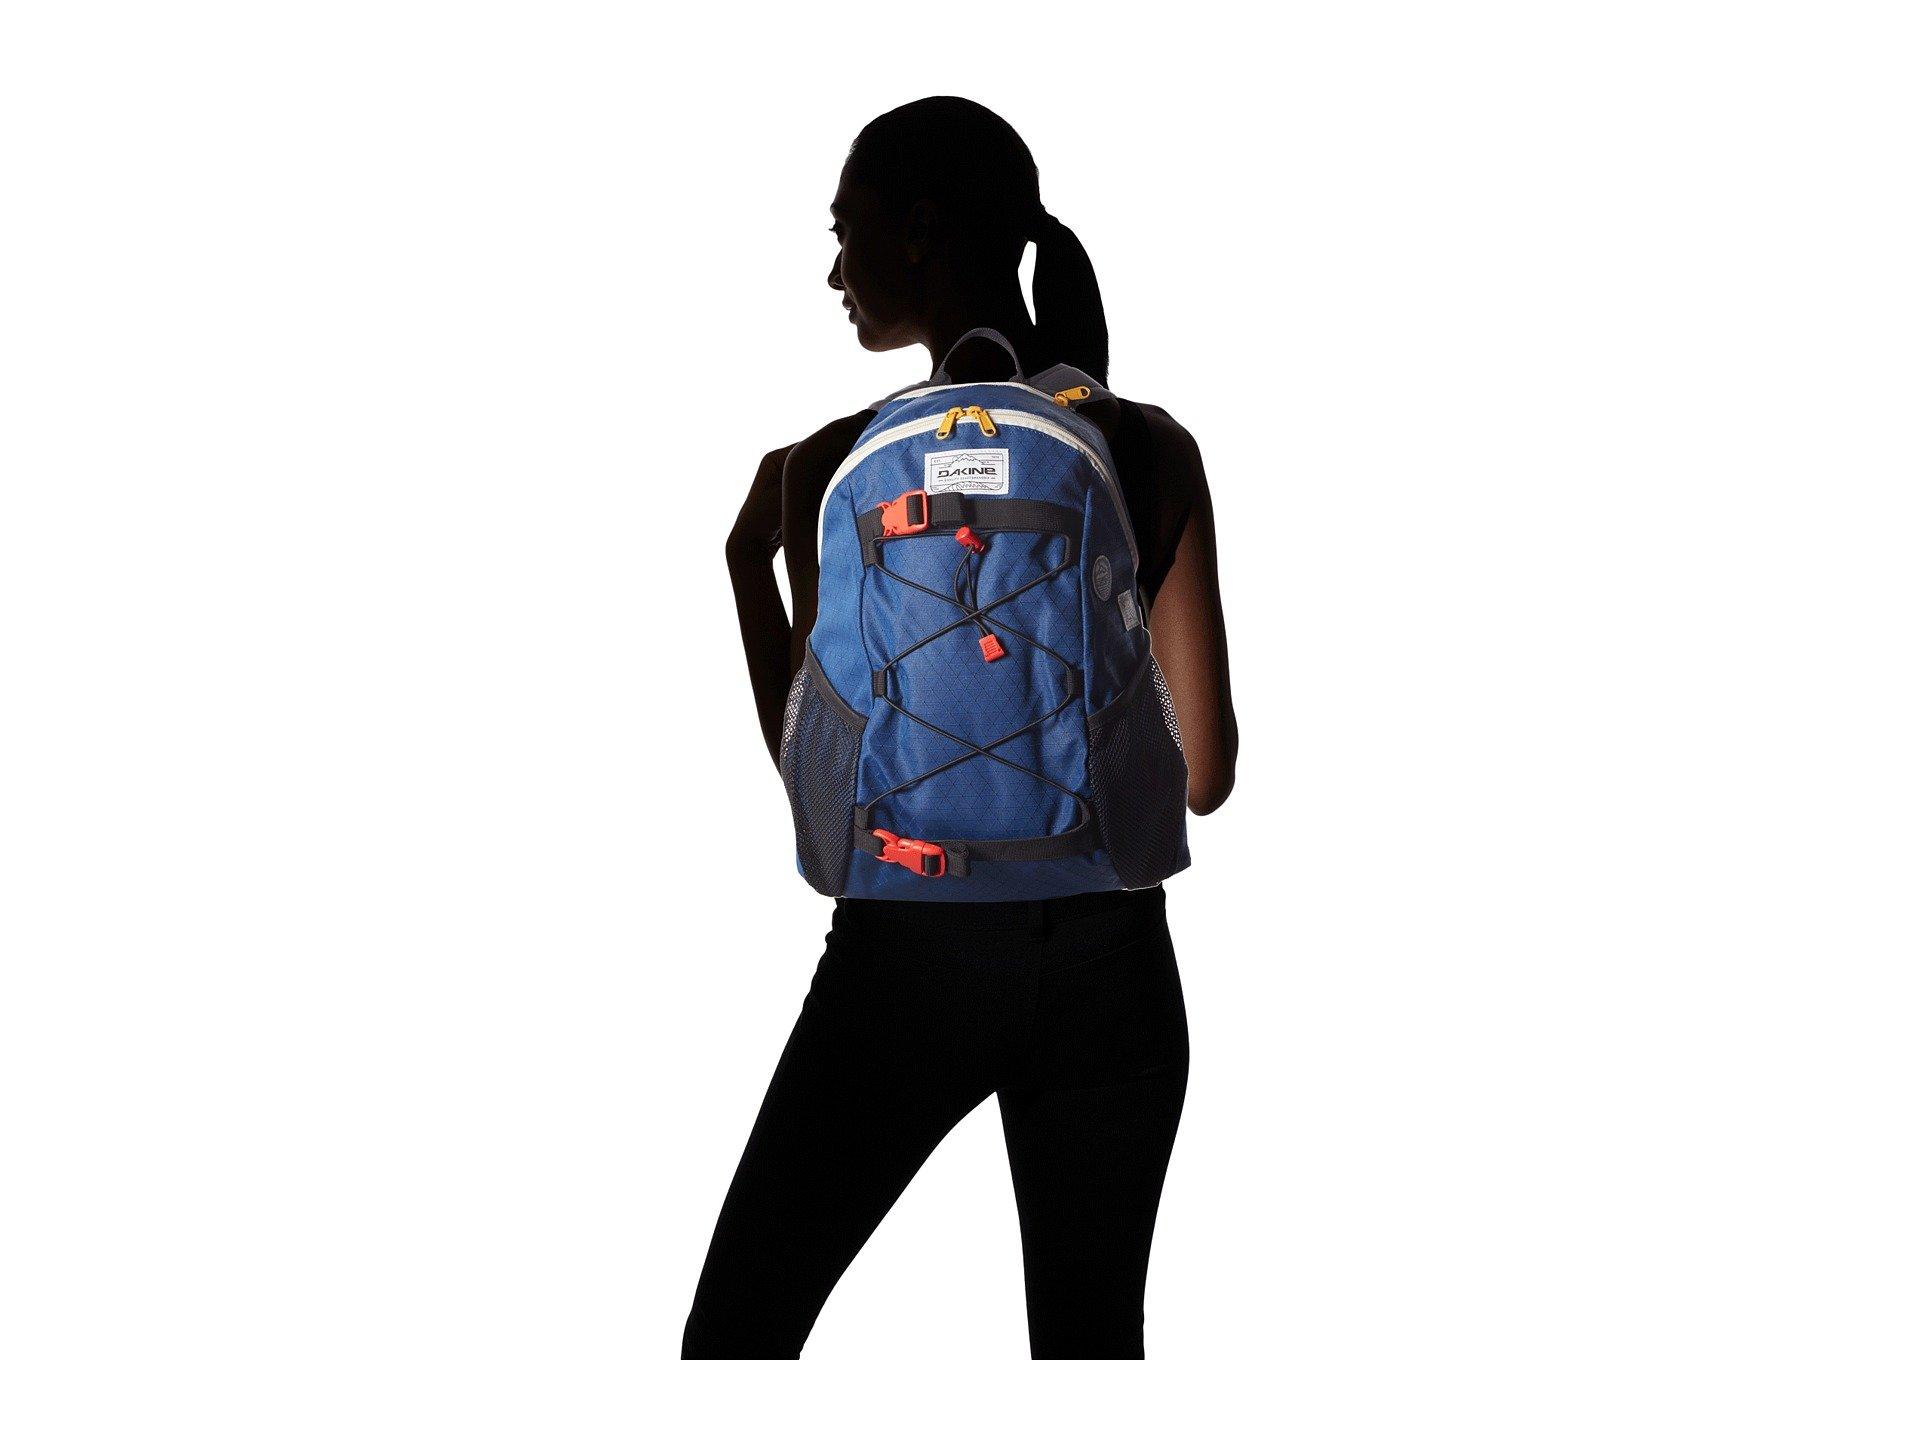 Backpack Wonder Wonder Dakine 15l Scout Backpack 15l Dakine Backpack Wonder Scout 15l Dakine wzqYtfnTEx